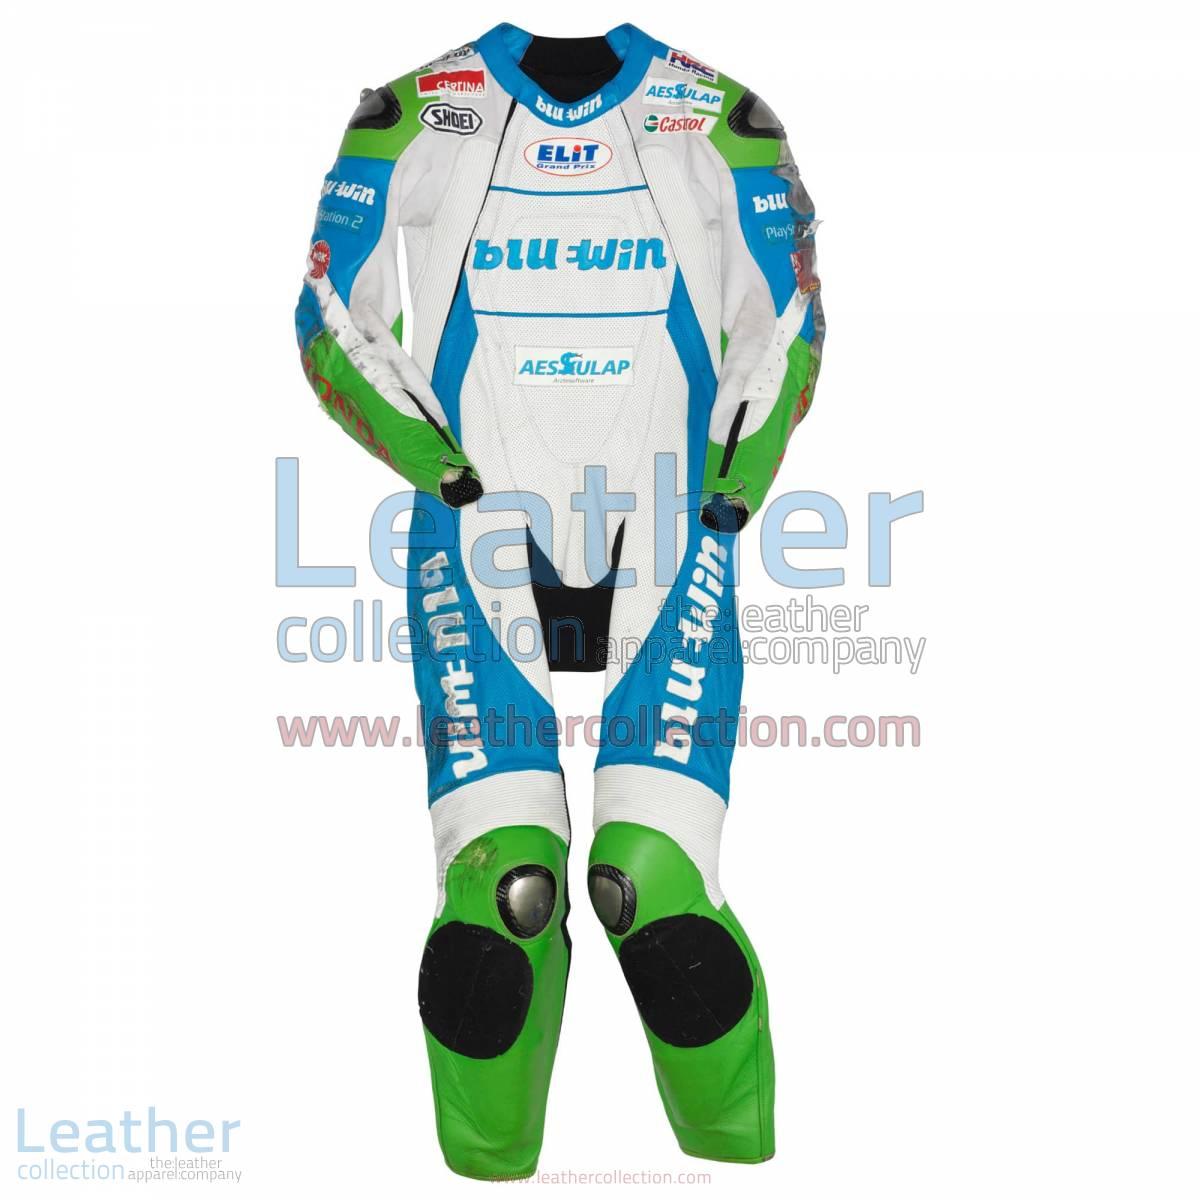 Thomas Luthi Honda GP 2005 Leather Suit   thomas luthi,honda suit